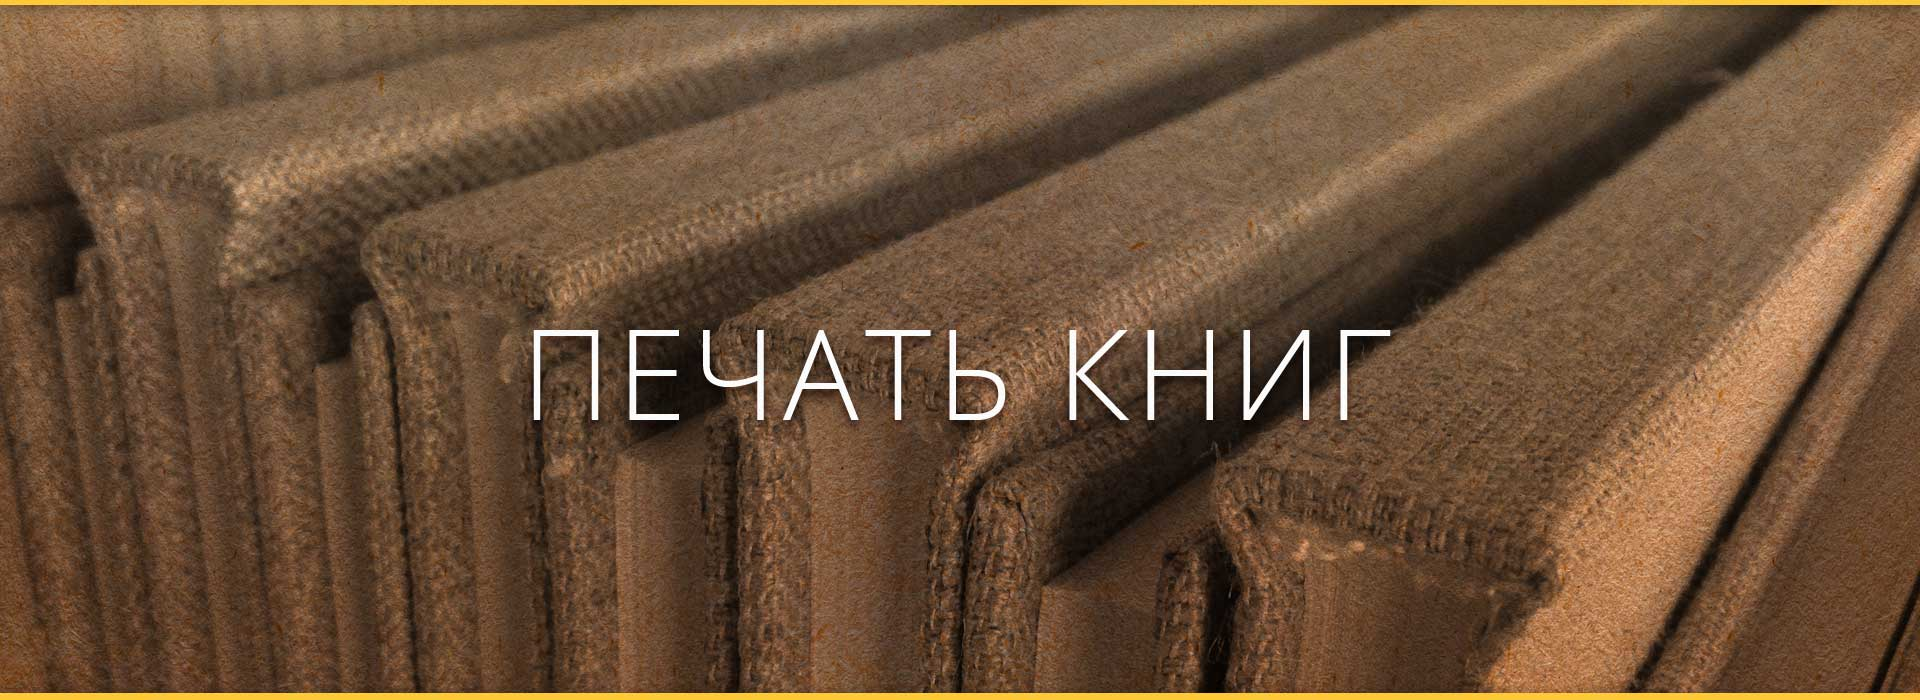 Печать книг в типографии «Nice-Book»